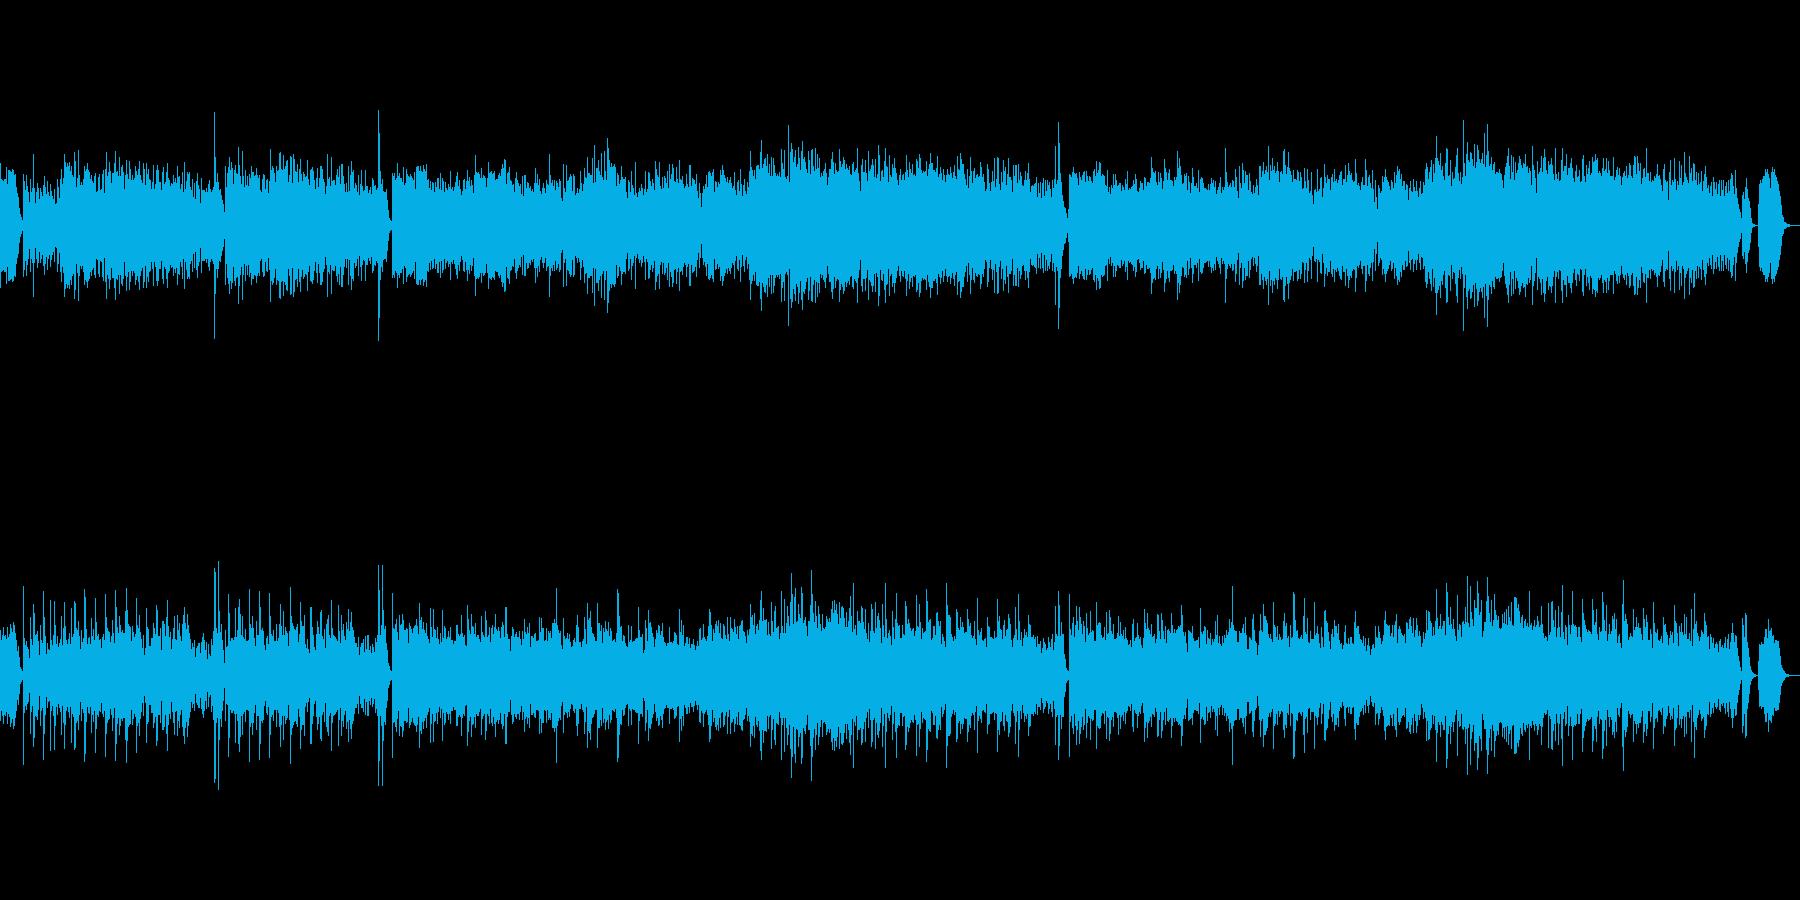 『ペール・ギュント』第1組曲 より第三曲の再生済みの波形